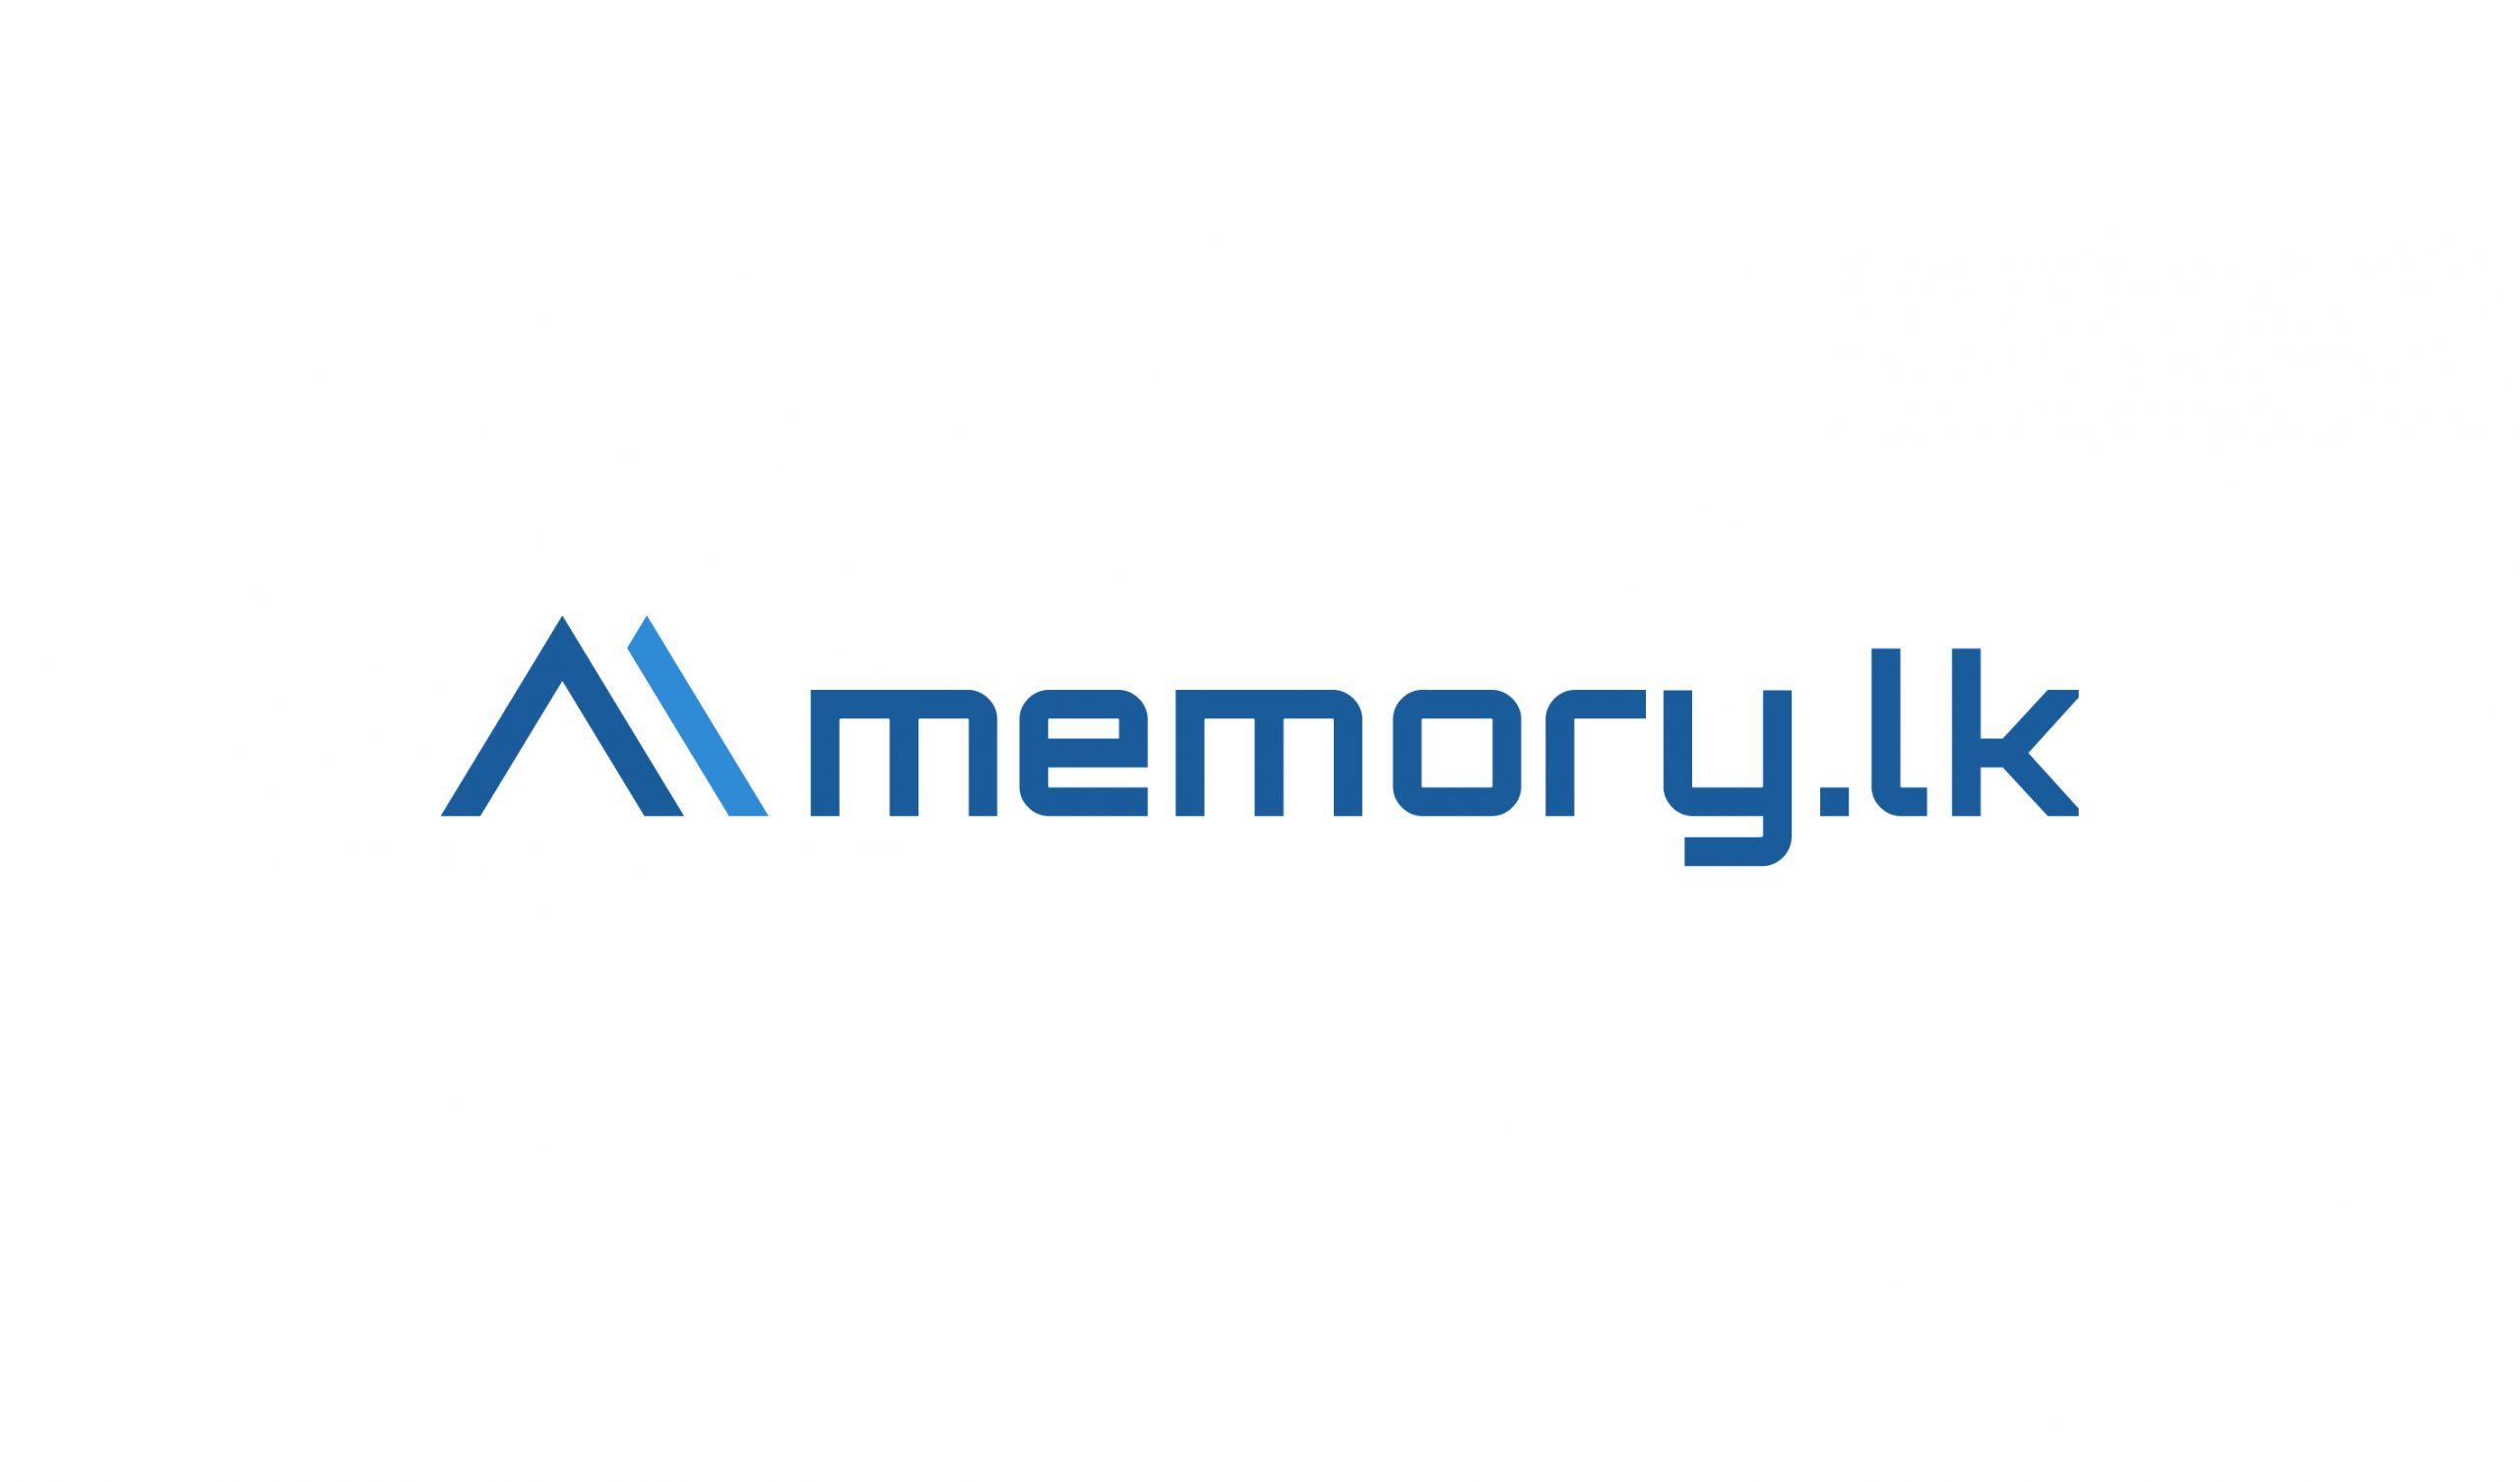 Memory.lk